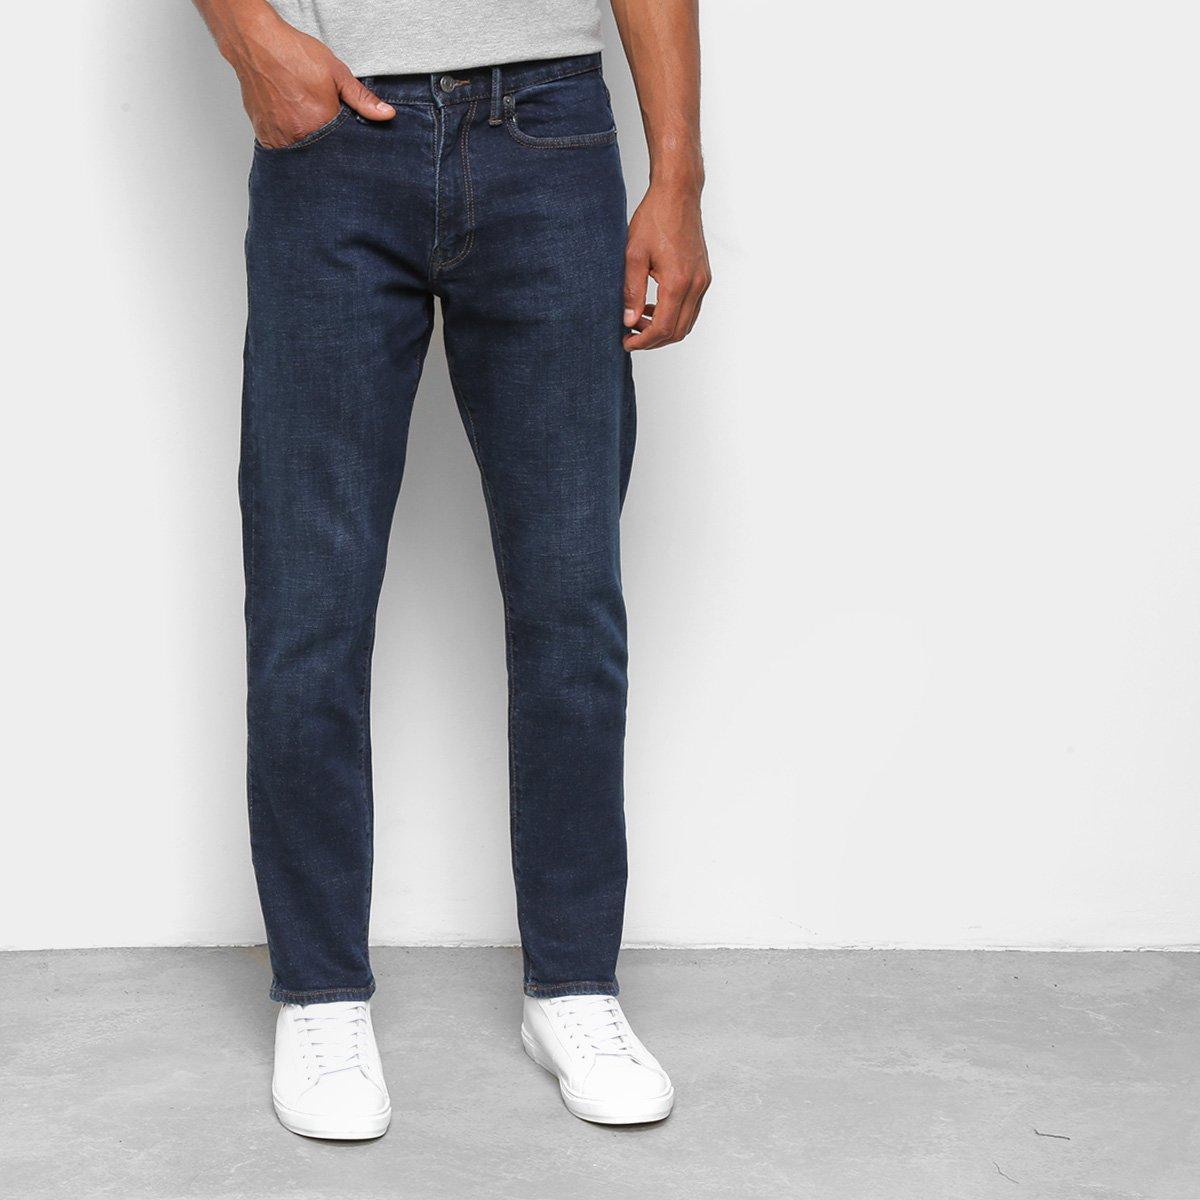 Calça Jeans GAP Reta Masculina